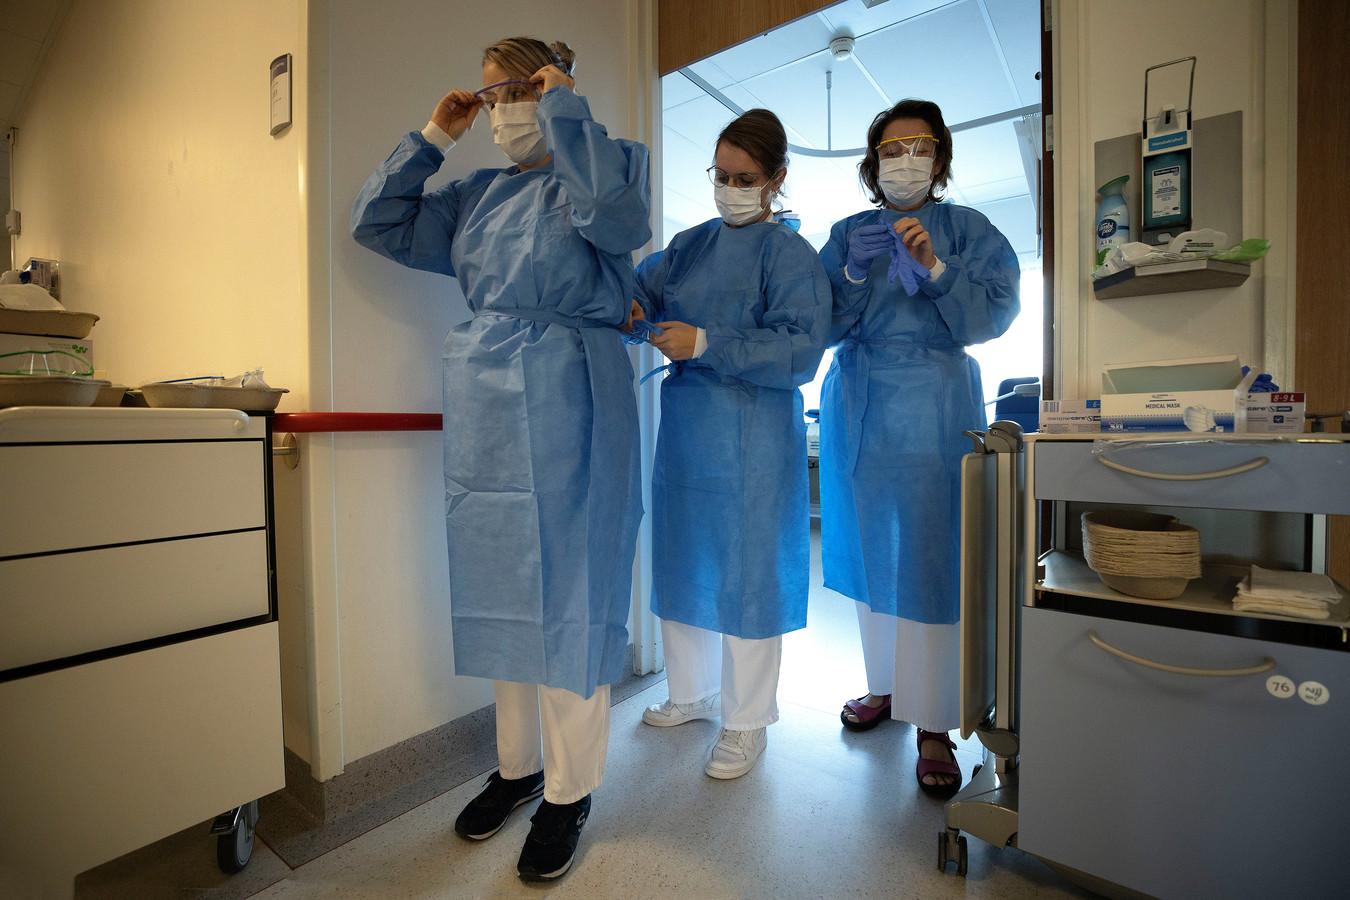 Medewerkers maken zich klaar op een covid afdeling van het MMC Veldhoven. (archieffoto)